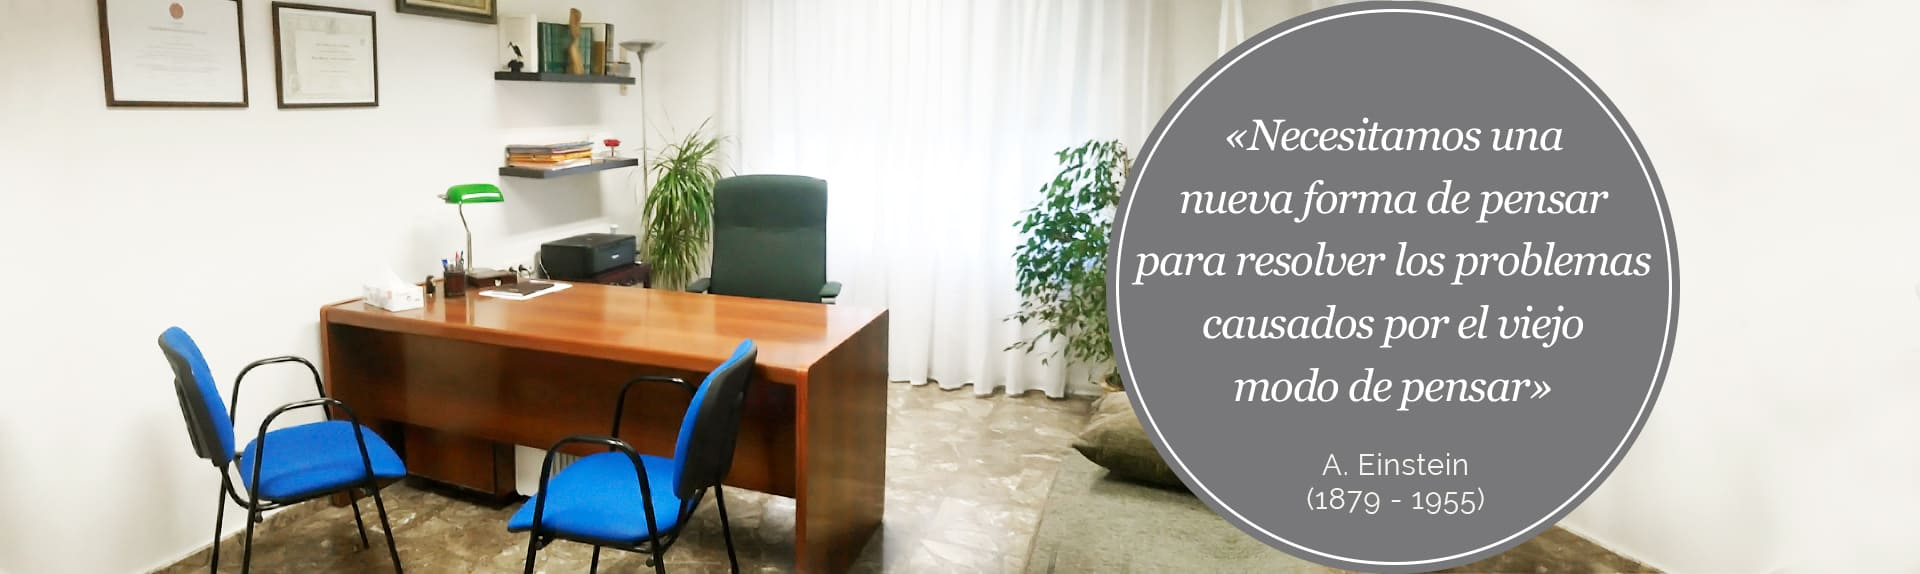 Contacto - Psicología clínica y psicoterapia Clínica Logos Albacete